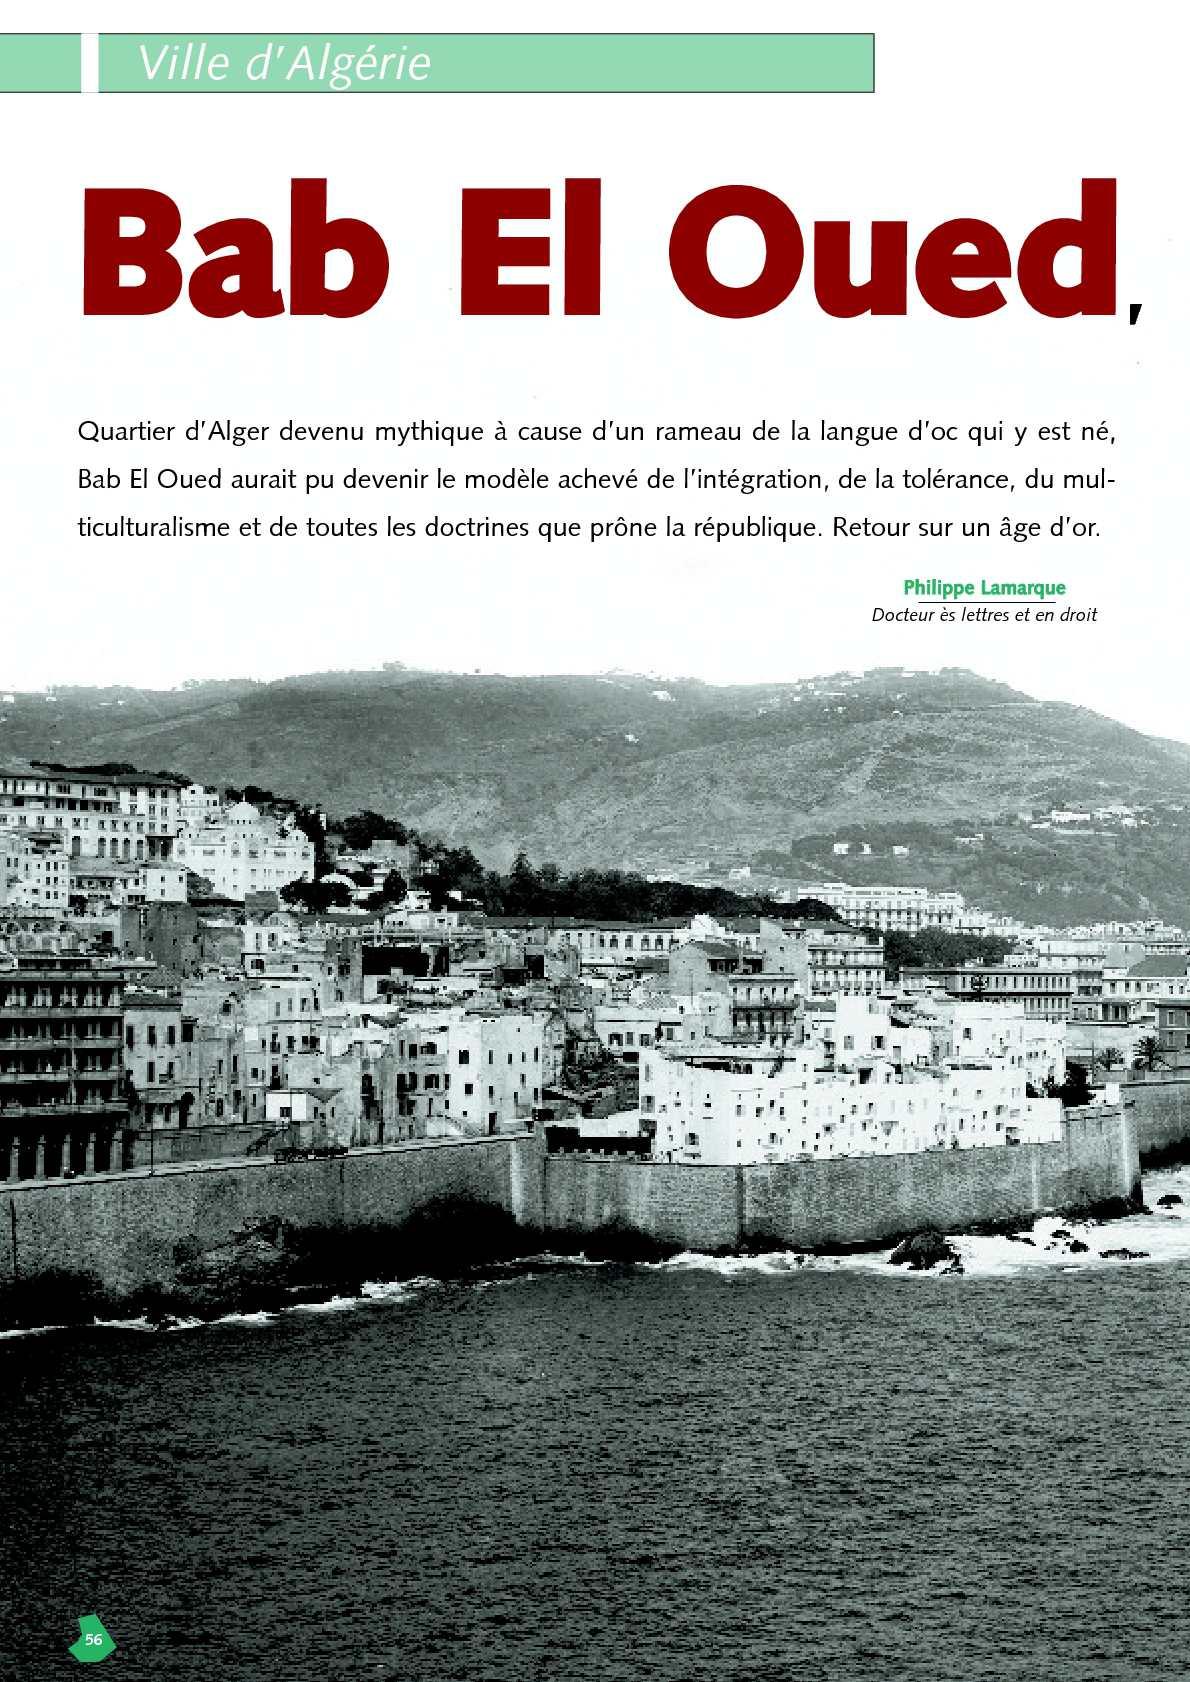 Ne A Bab El Oued : Calaméo, Philippe, Lamarque: